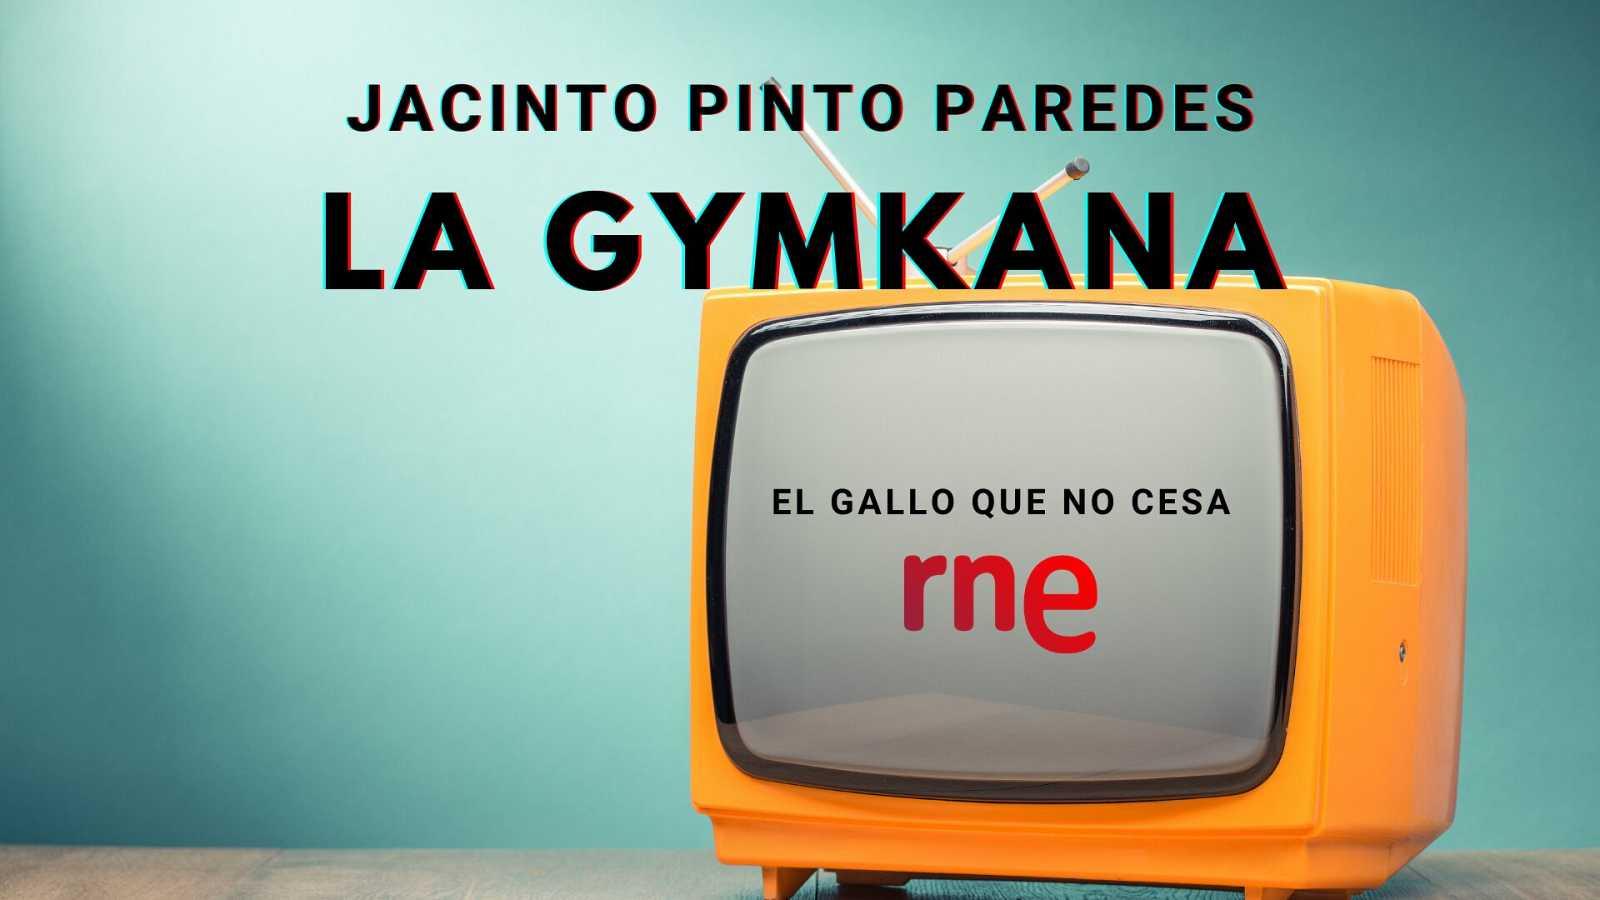 El gallo que no cesa - La gymkana: El 'spanglish' de Jerez y los nervios de la tele - Escuchar ahora